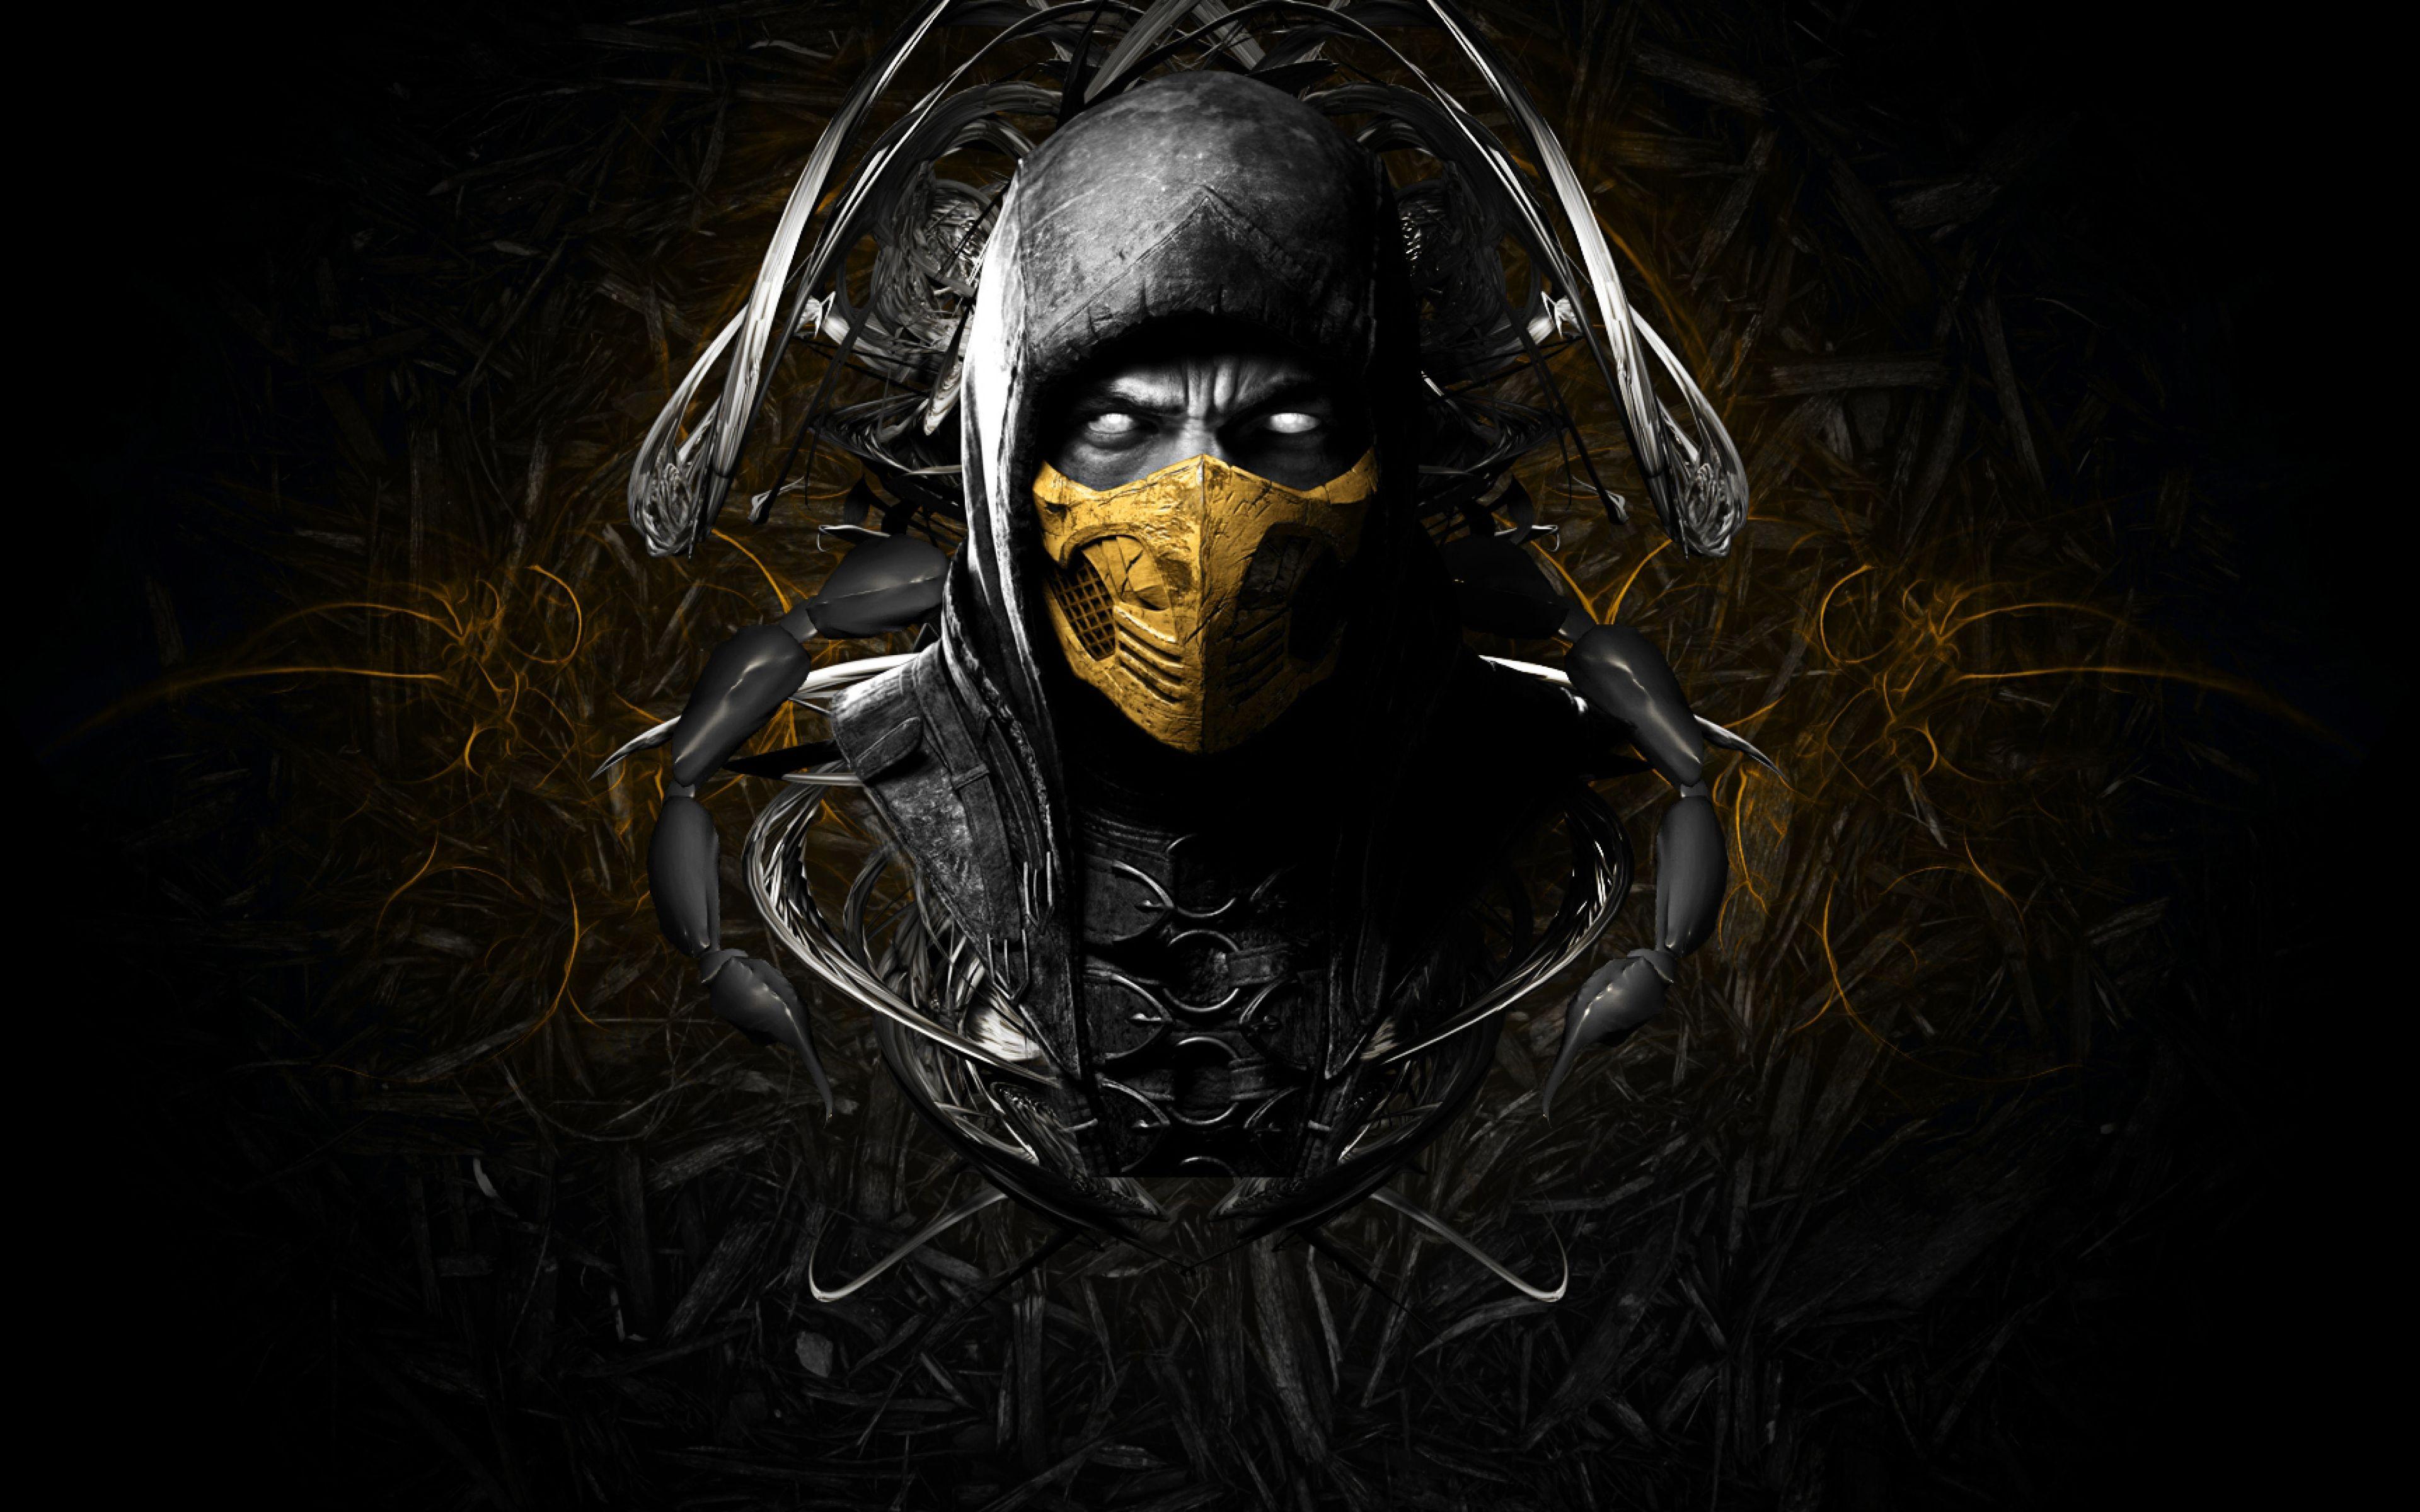 3840x2400 Ultra Hd 4k Mortal Kombat X Wallpapers Hd Desktop Backgrounds Mortal Kombat X Wallpapers Mortal Kombat X Ninja Wallpaper